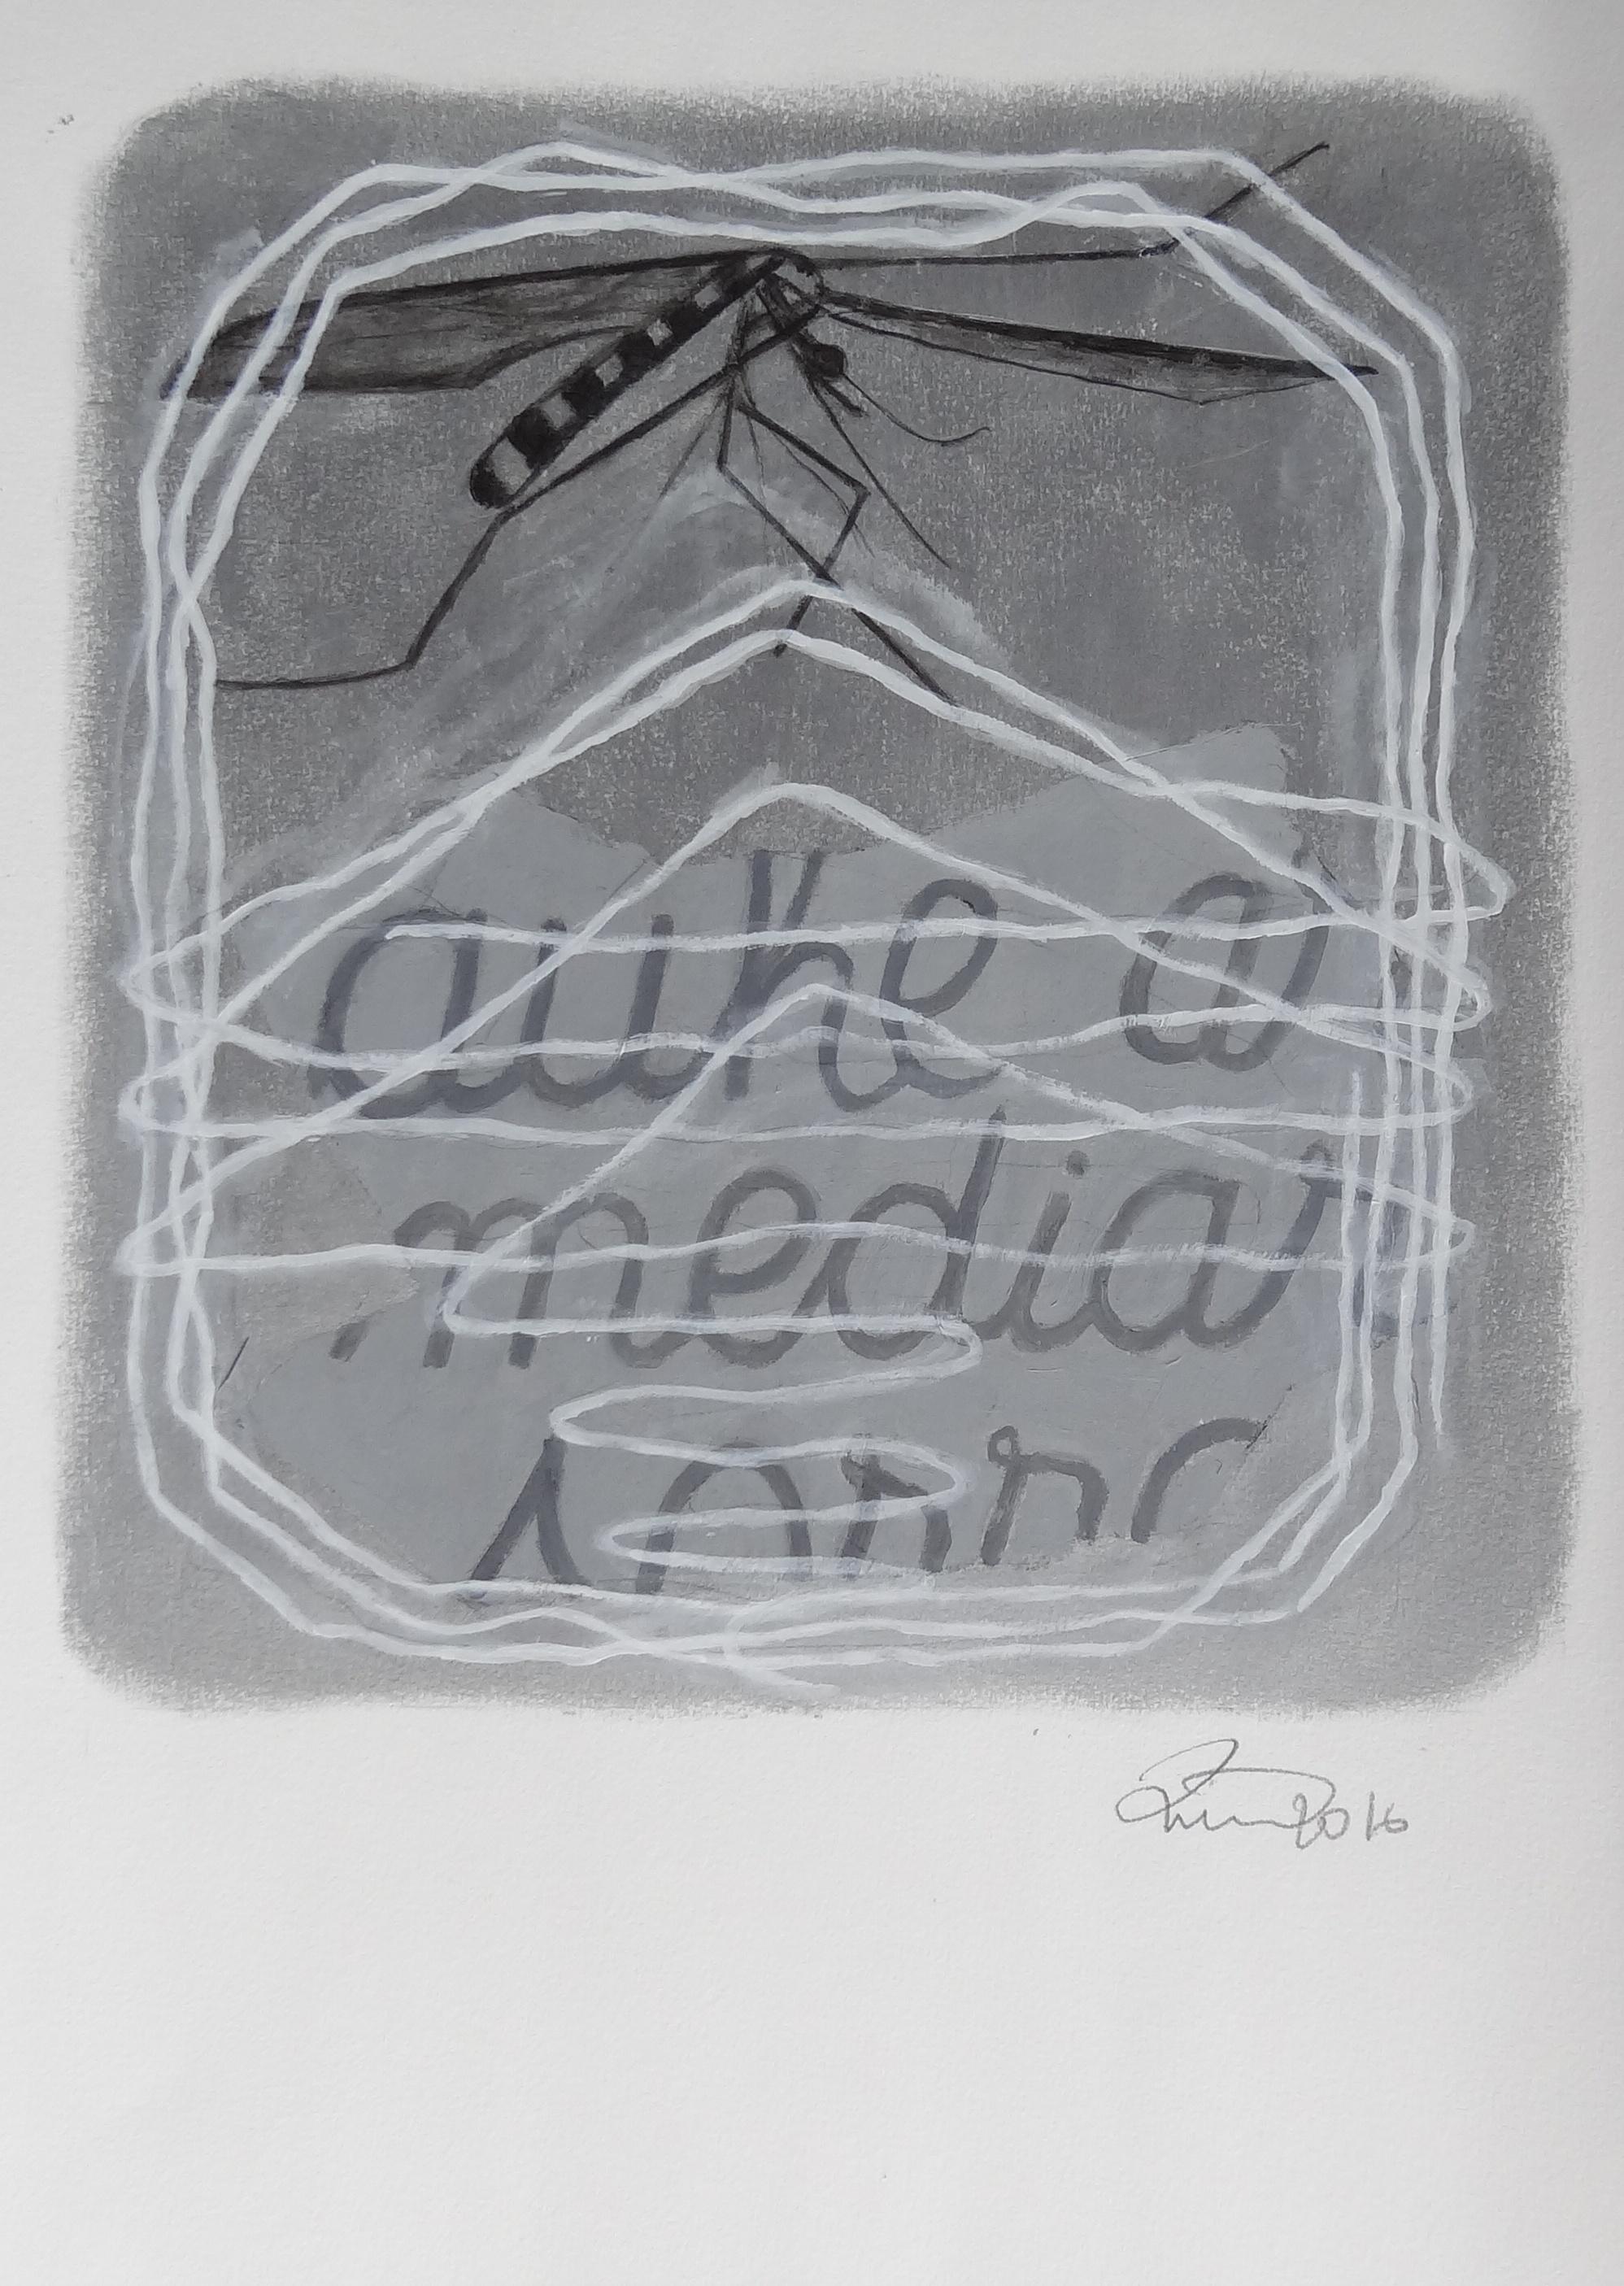 ZANONI-INSECTE-ET-ECRITURE-2.jpg